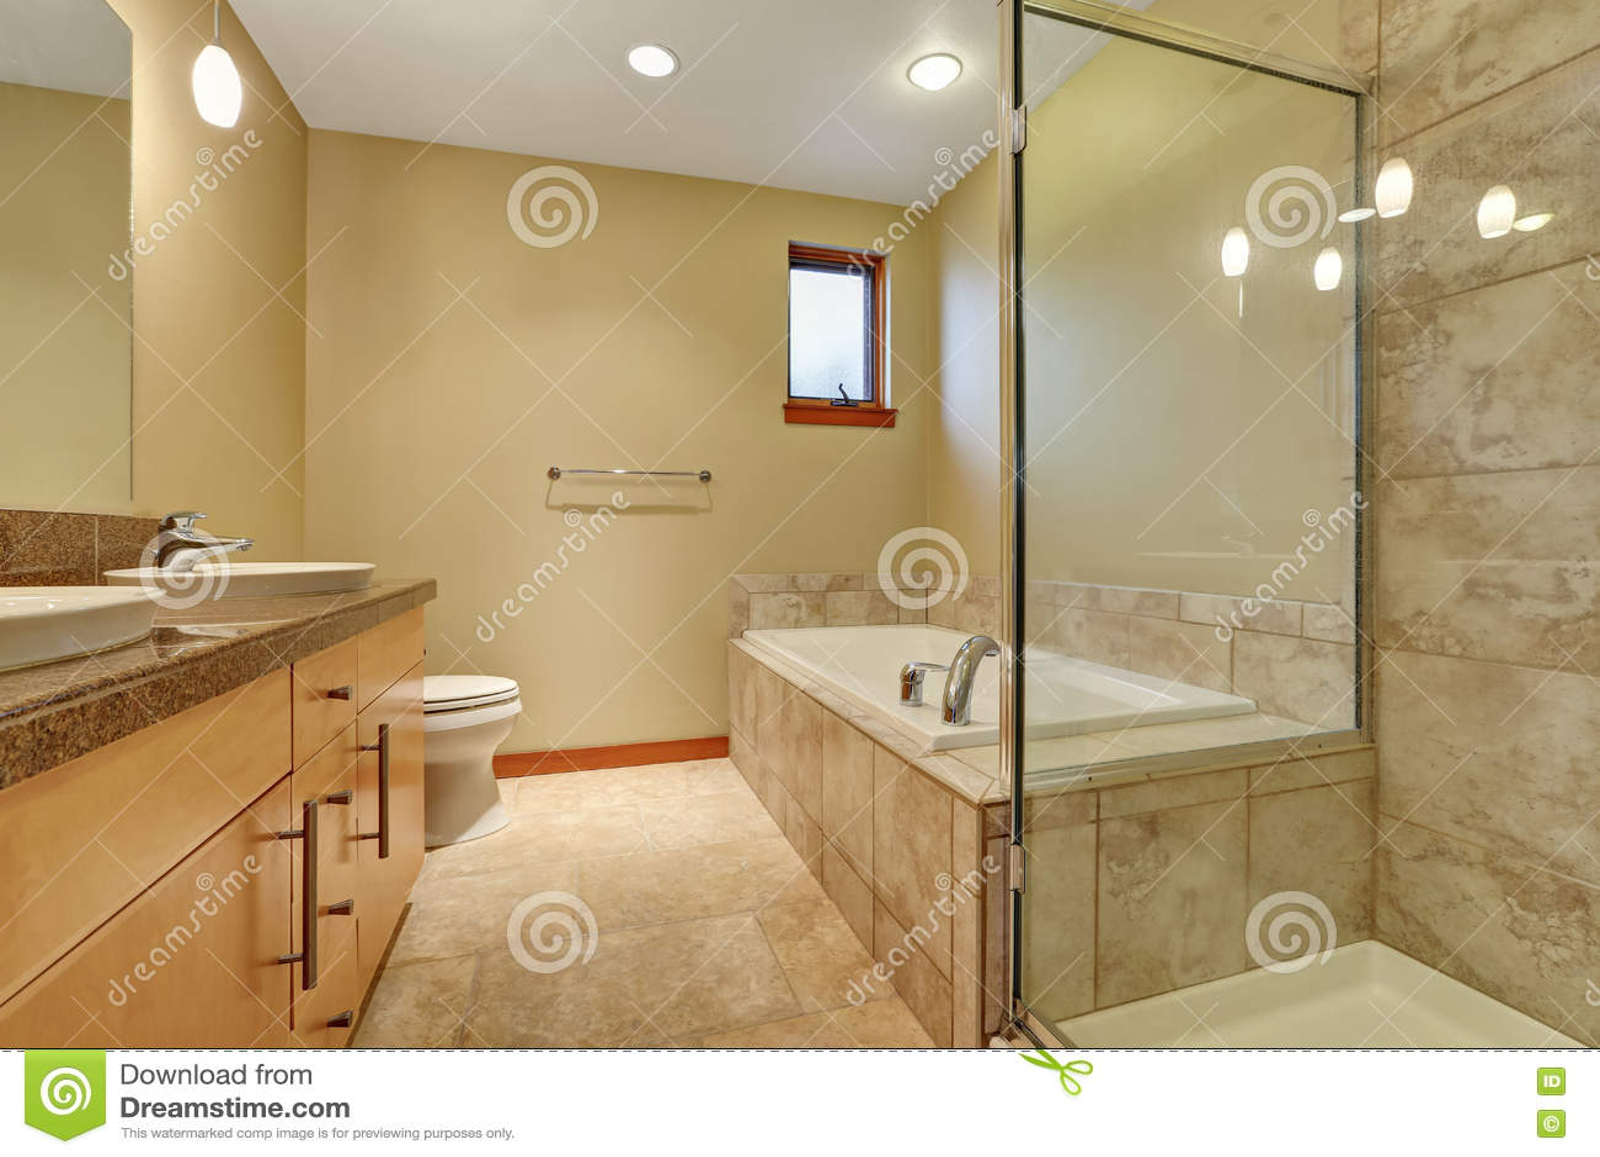 Plan De Travail Granit Beige intérieur de salle de bains dans des tons beiges avec le